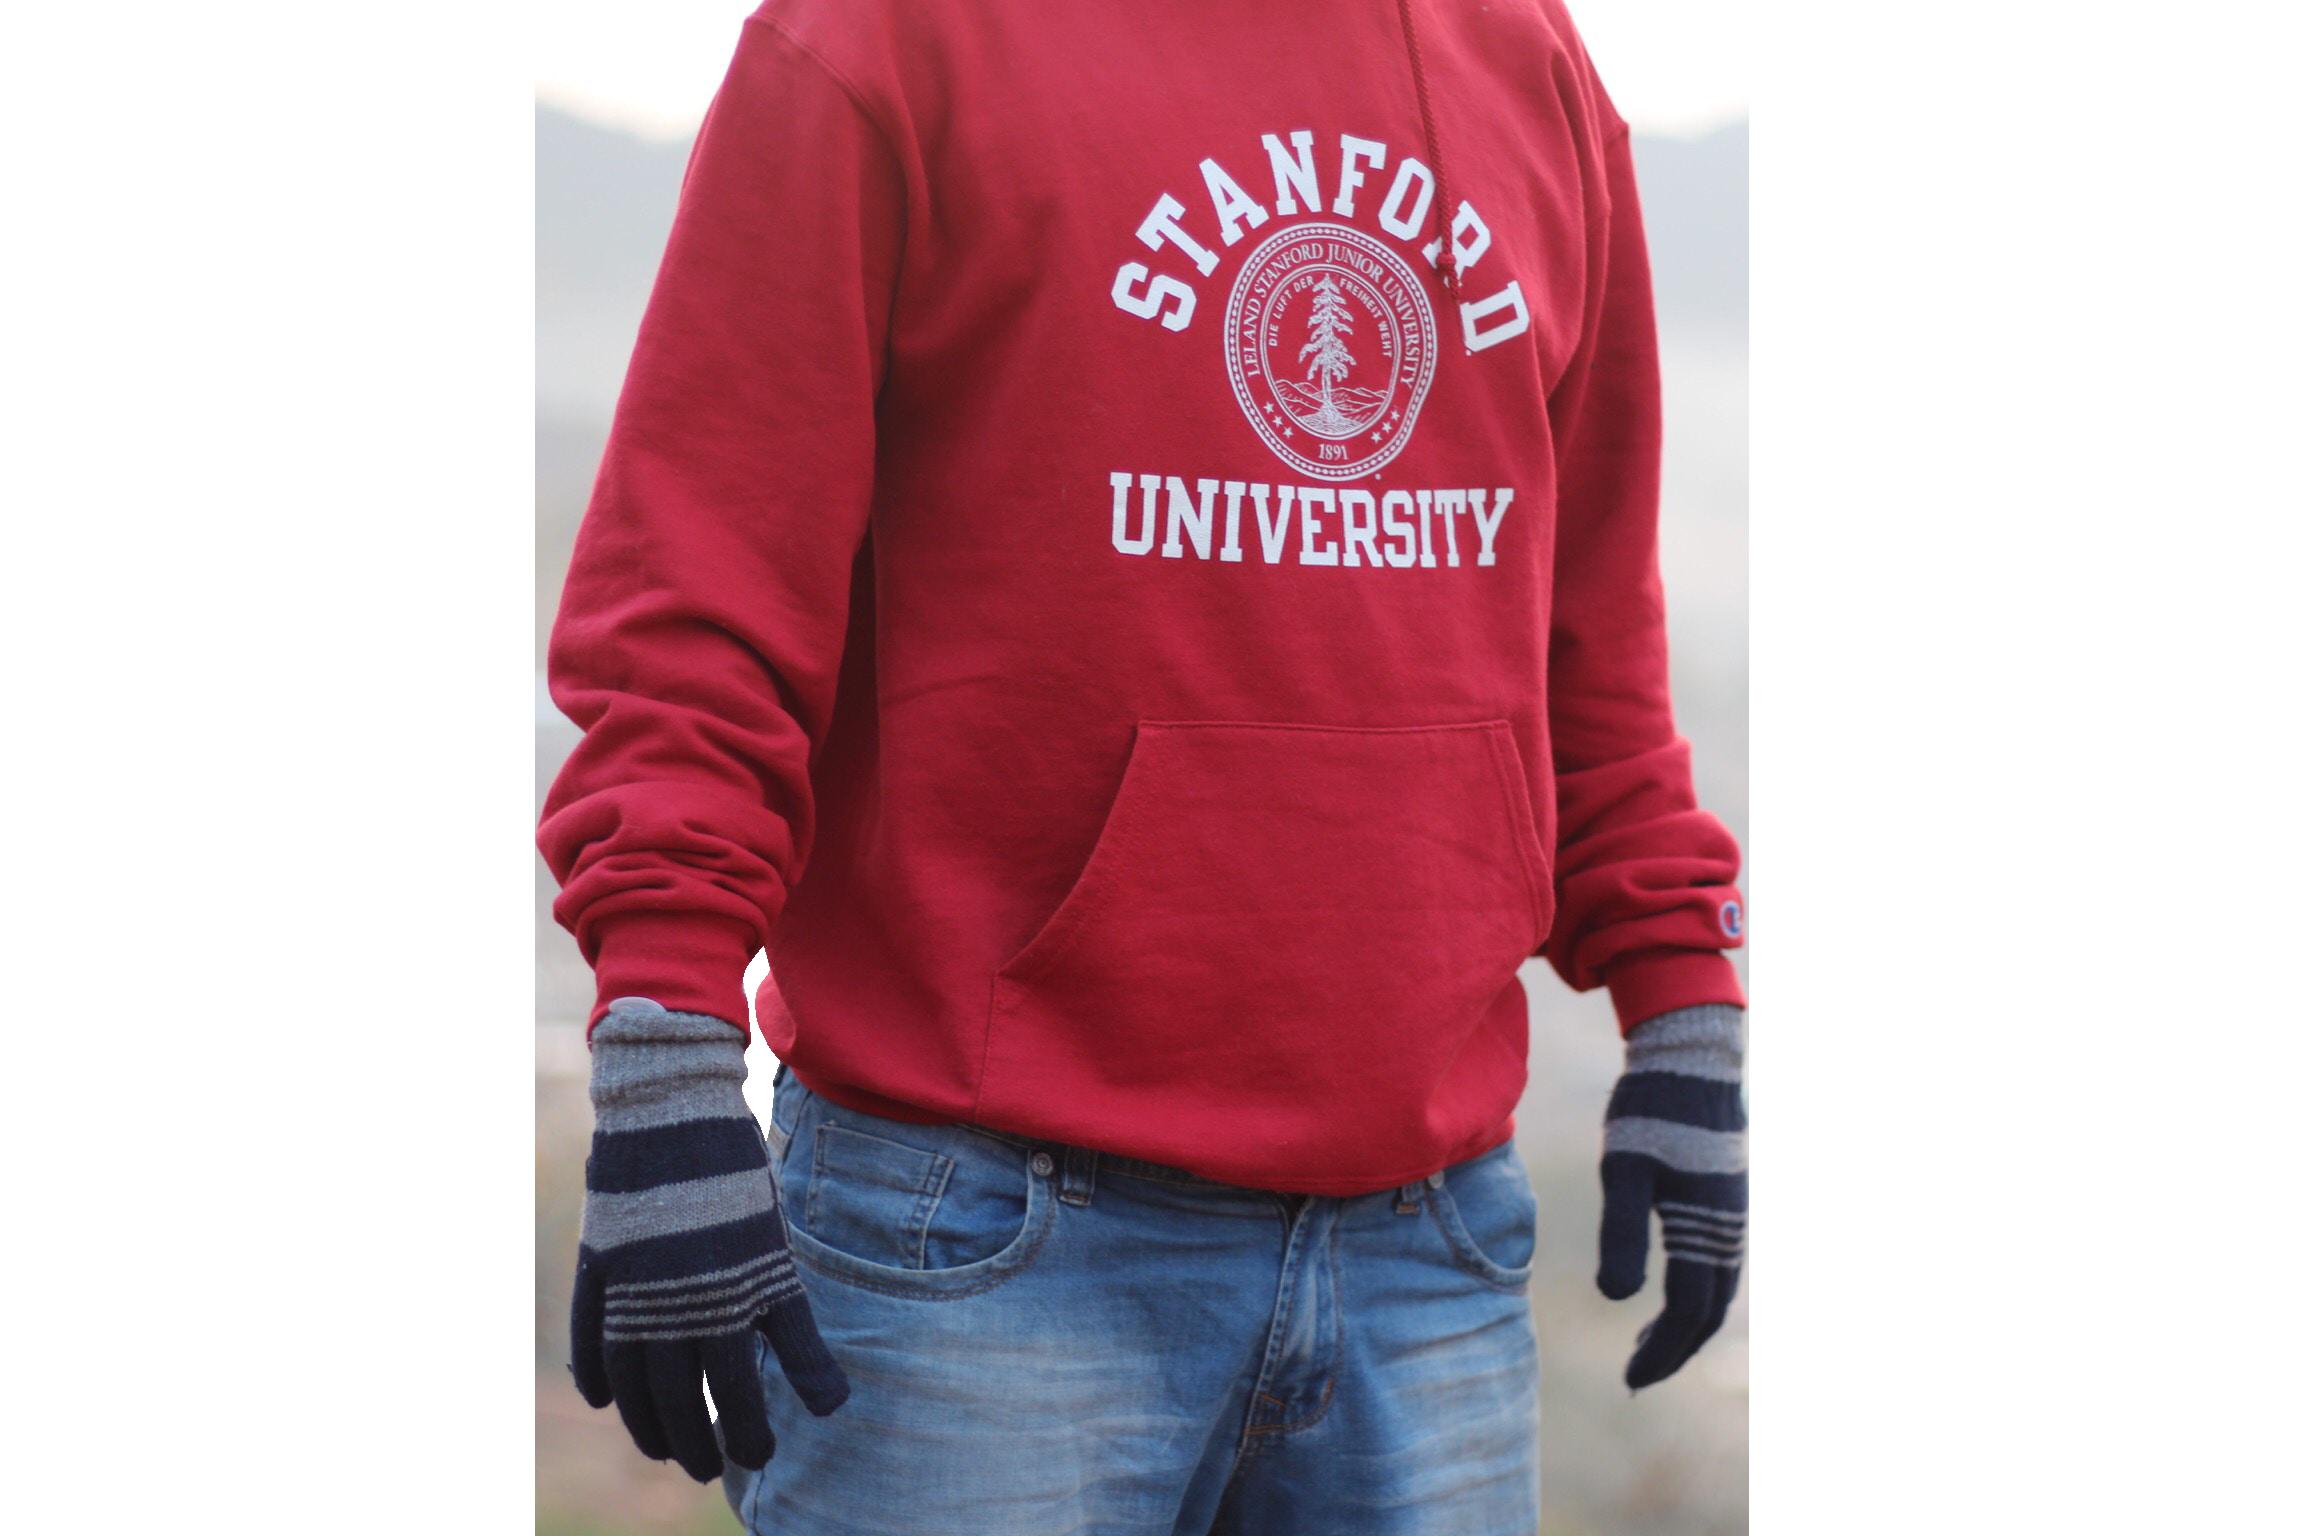 Stanford University Upper Transparent Background PNG